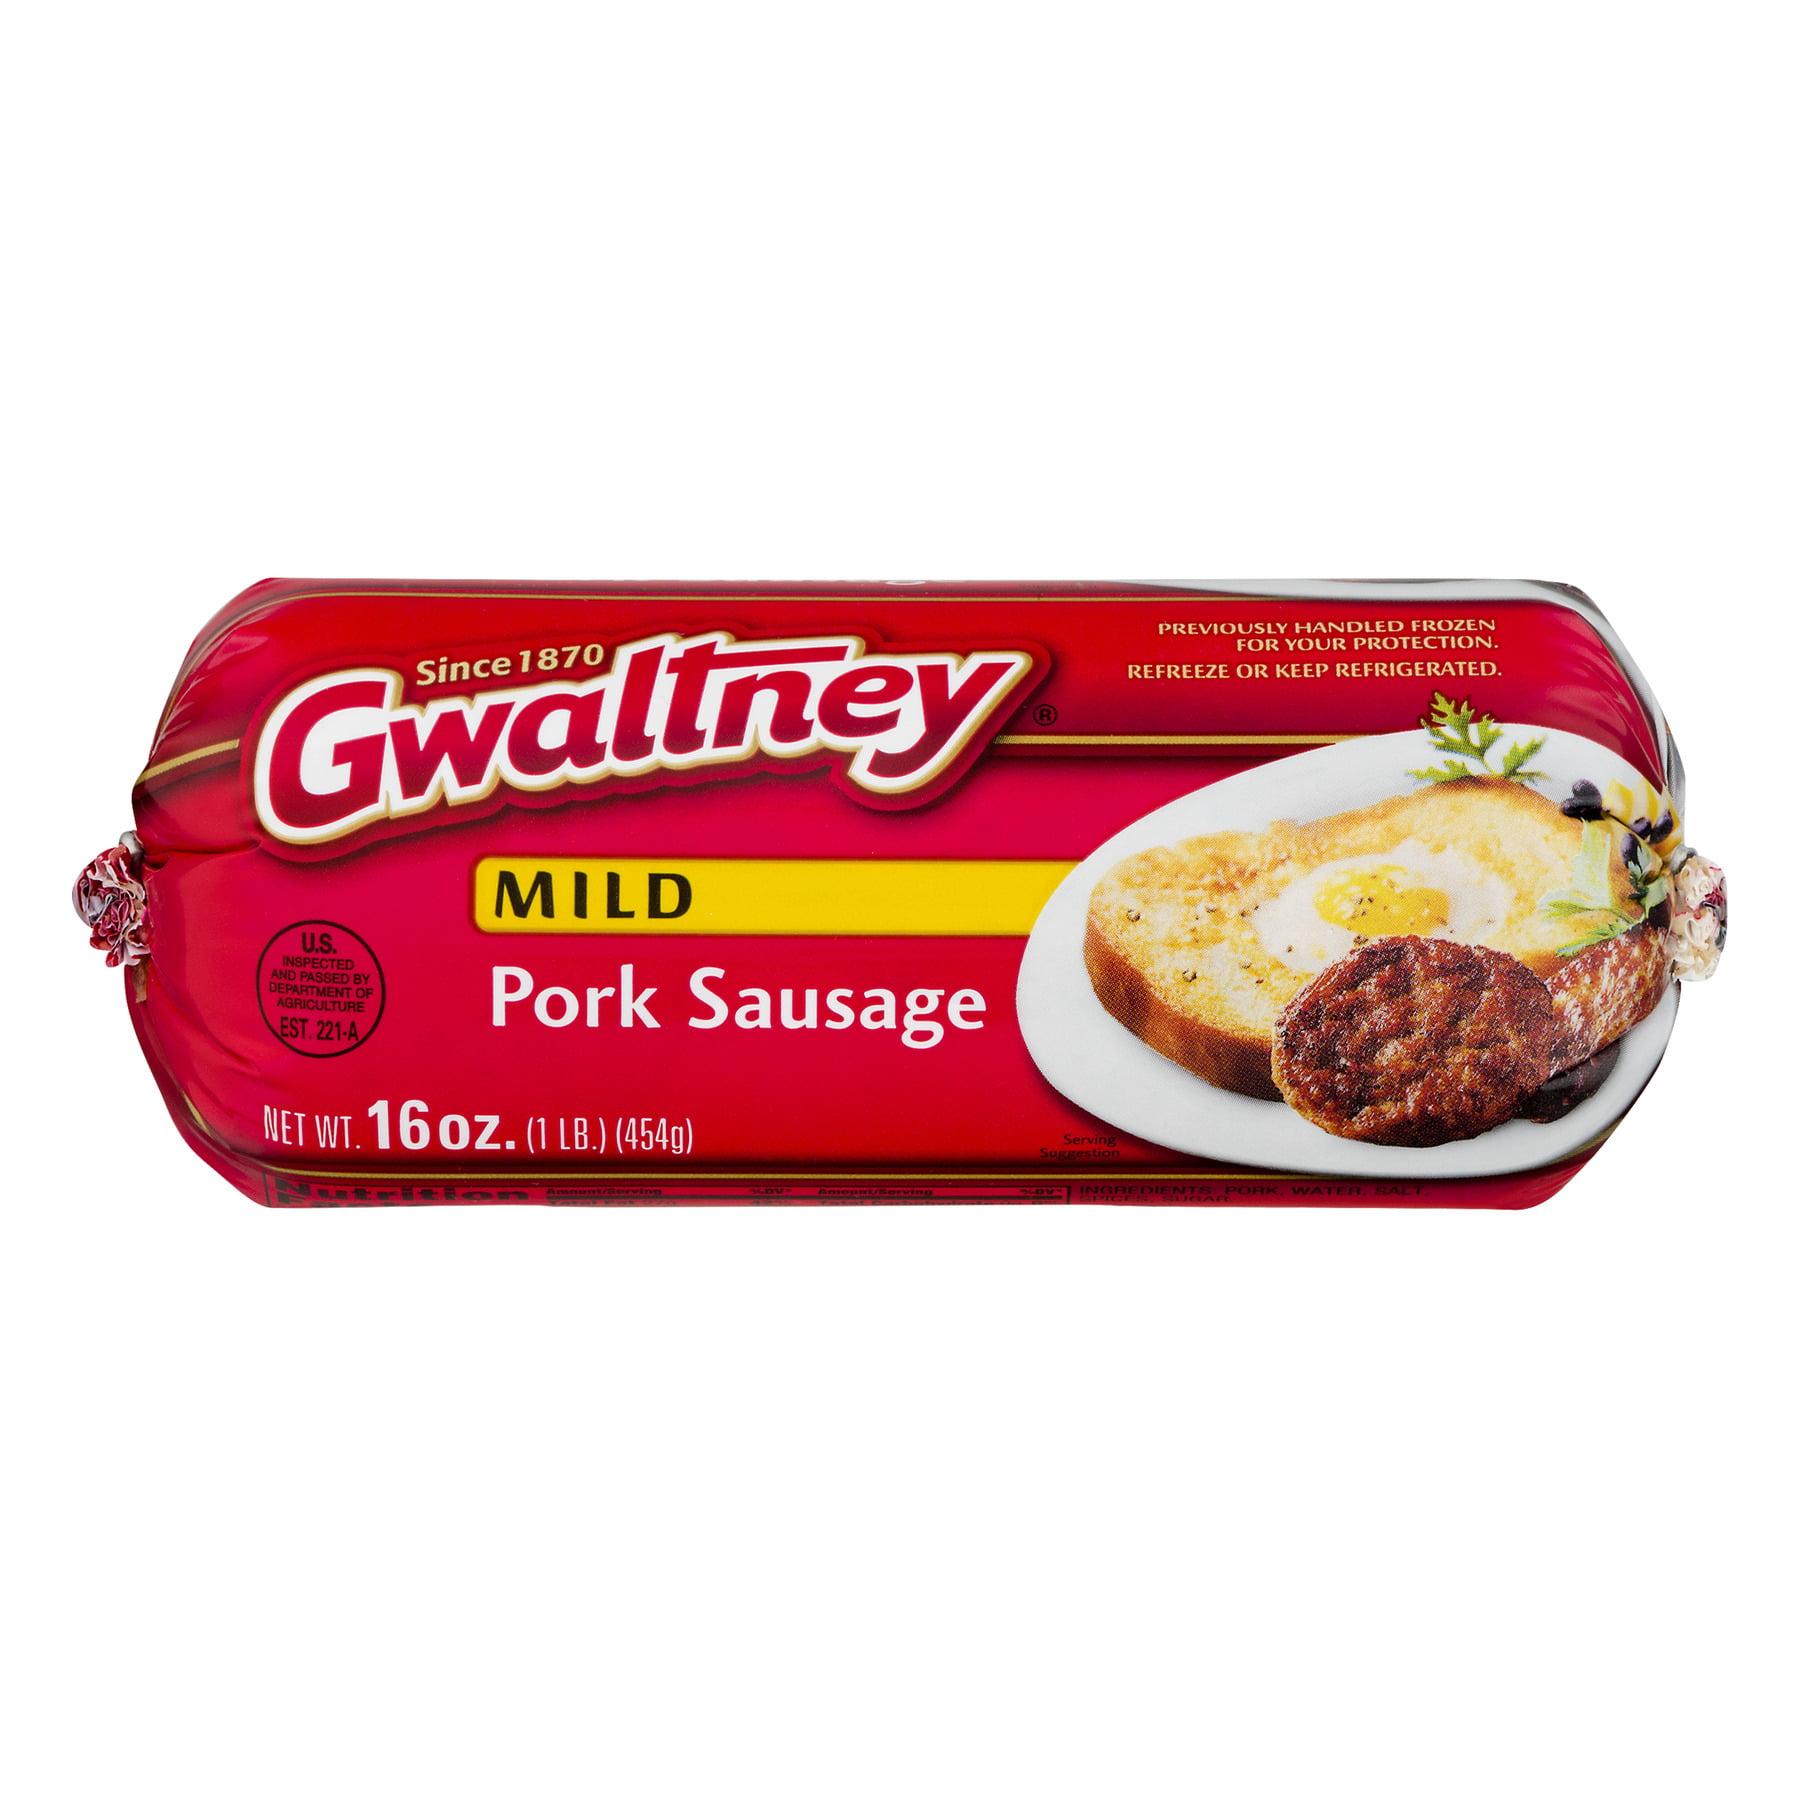 Gwaltney Pork Sausage Mild, 16.0 OZ